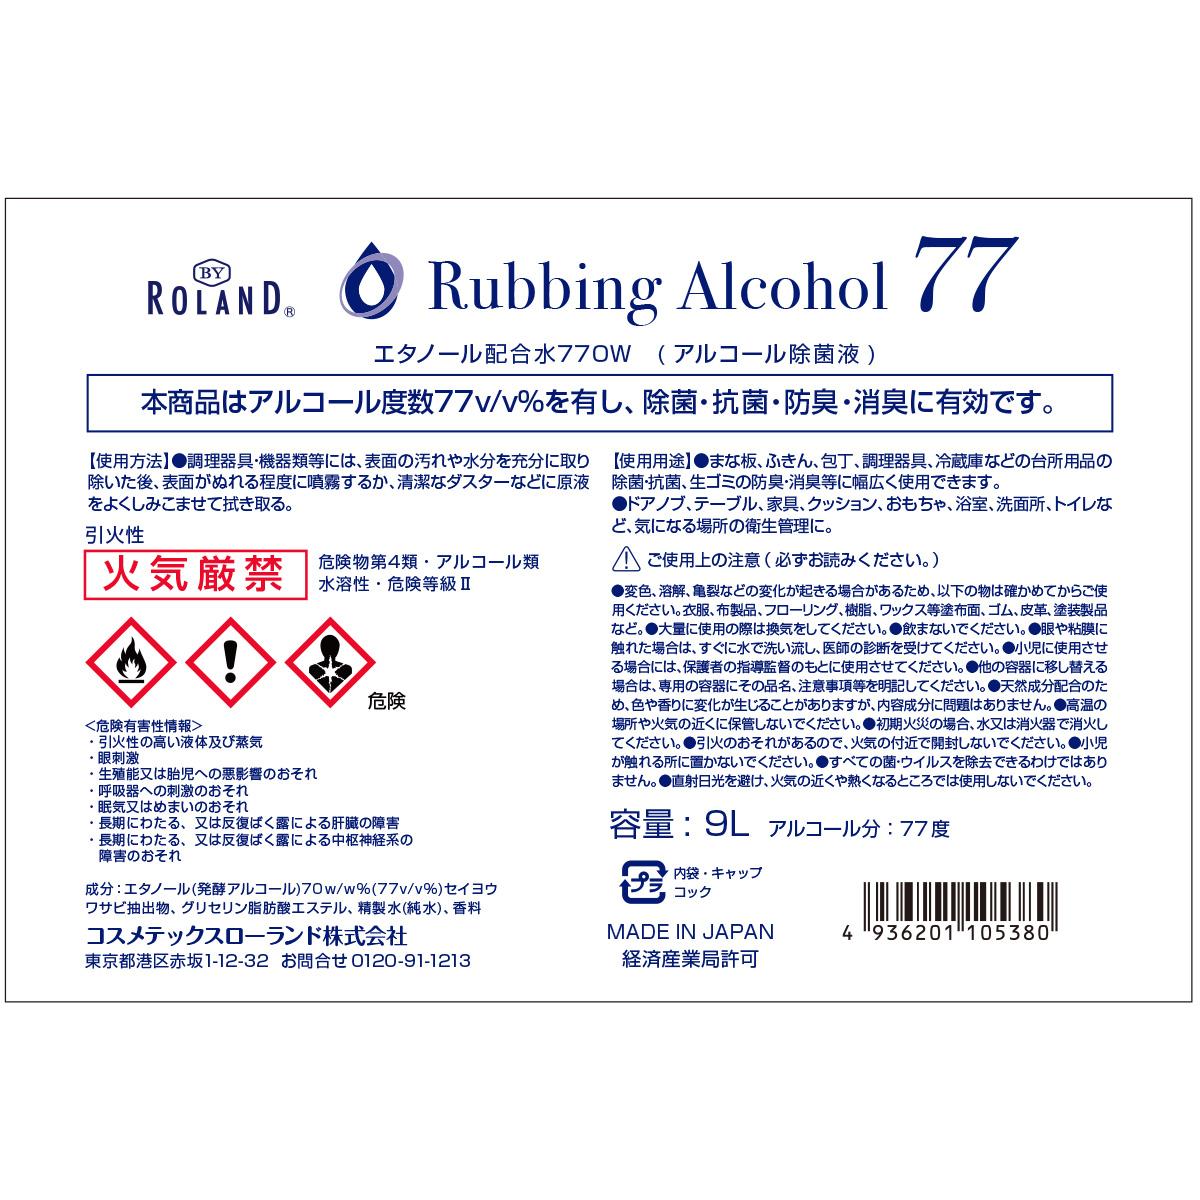 業務用アルコール77%除菌液 9L 日本製 BY ROLAND (x721)